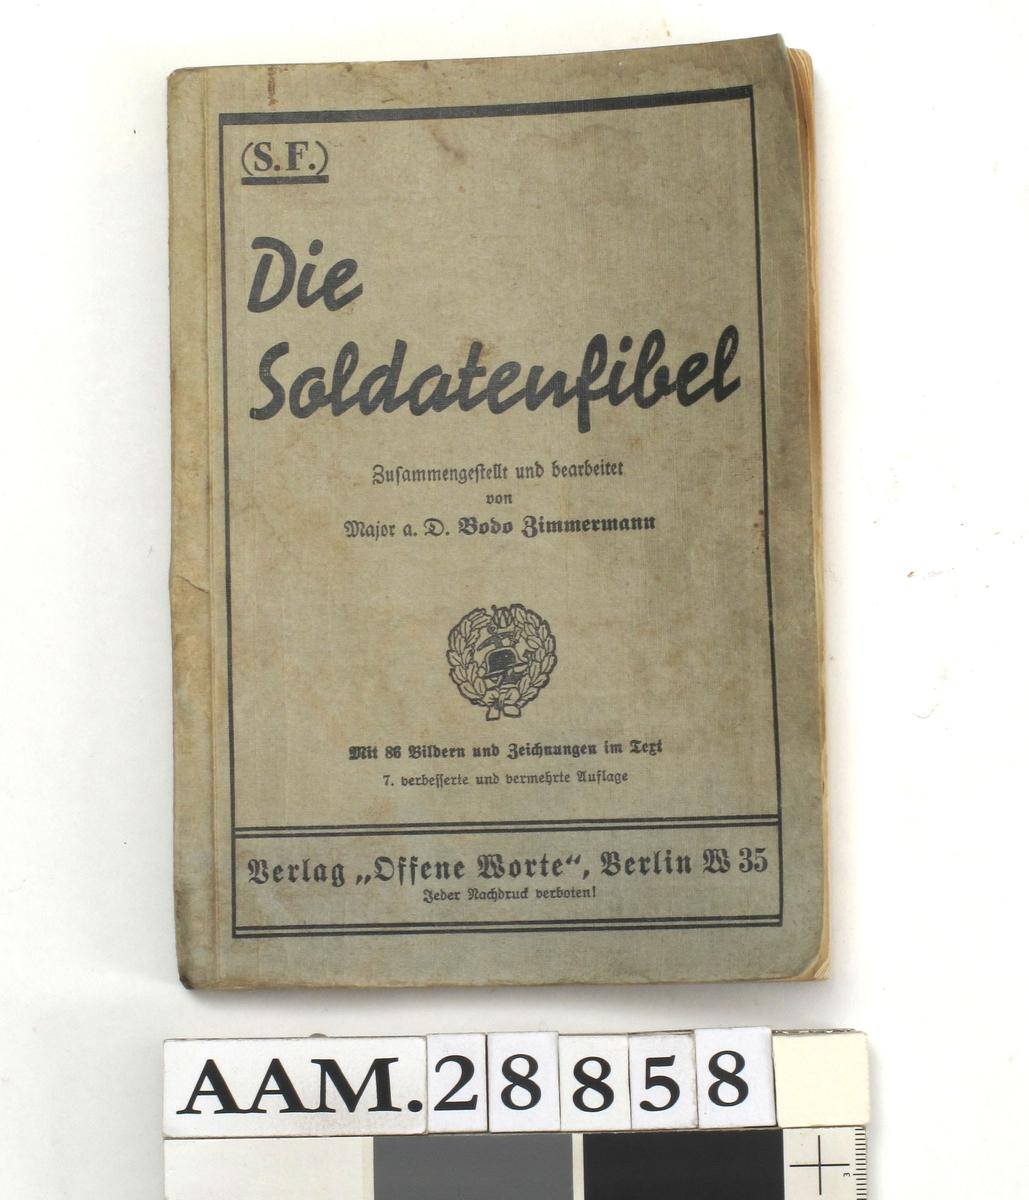 Bok, heftet, grått omslag..Håndbok for Wehrmachts soldater. Rikt illustrert.